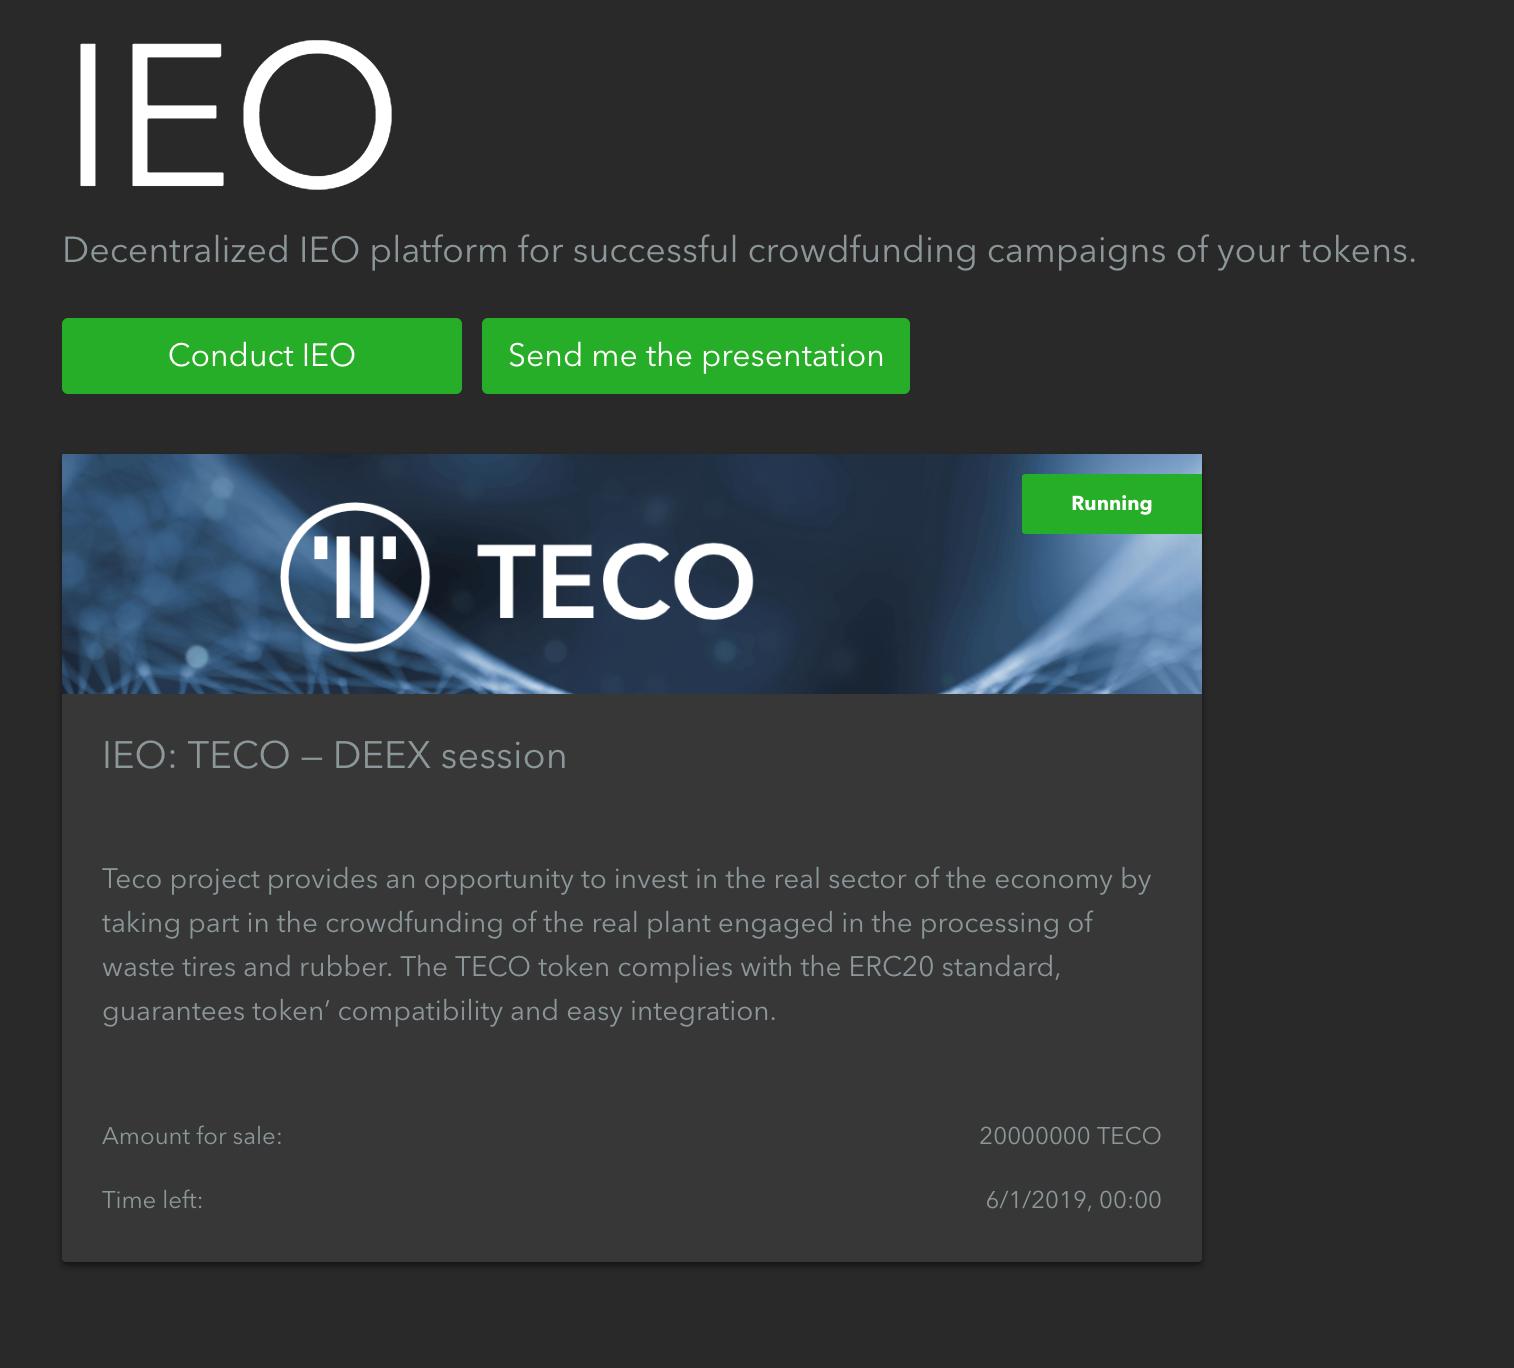 Bunun üzerine tıklamak sizi IEO projesinin sayfasına götürecektir